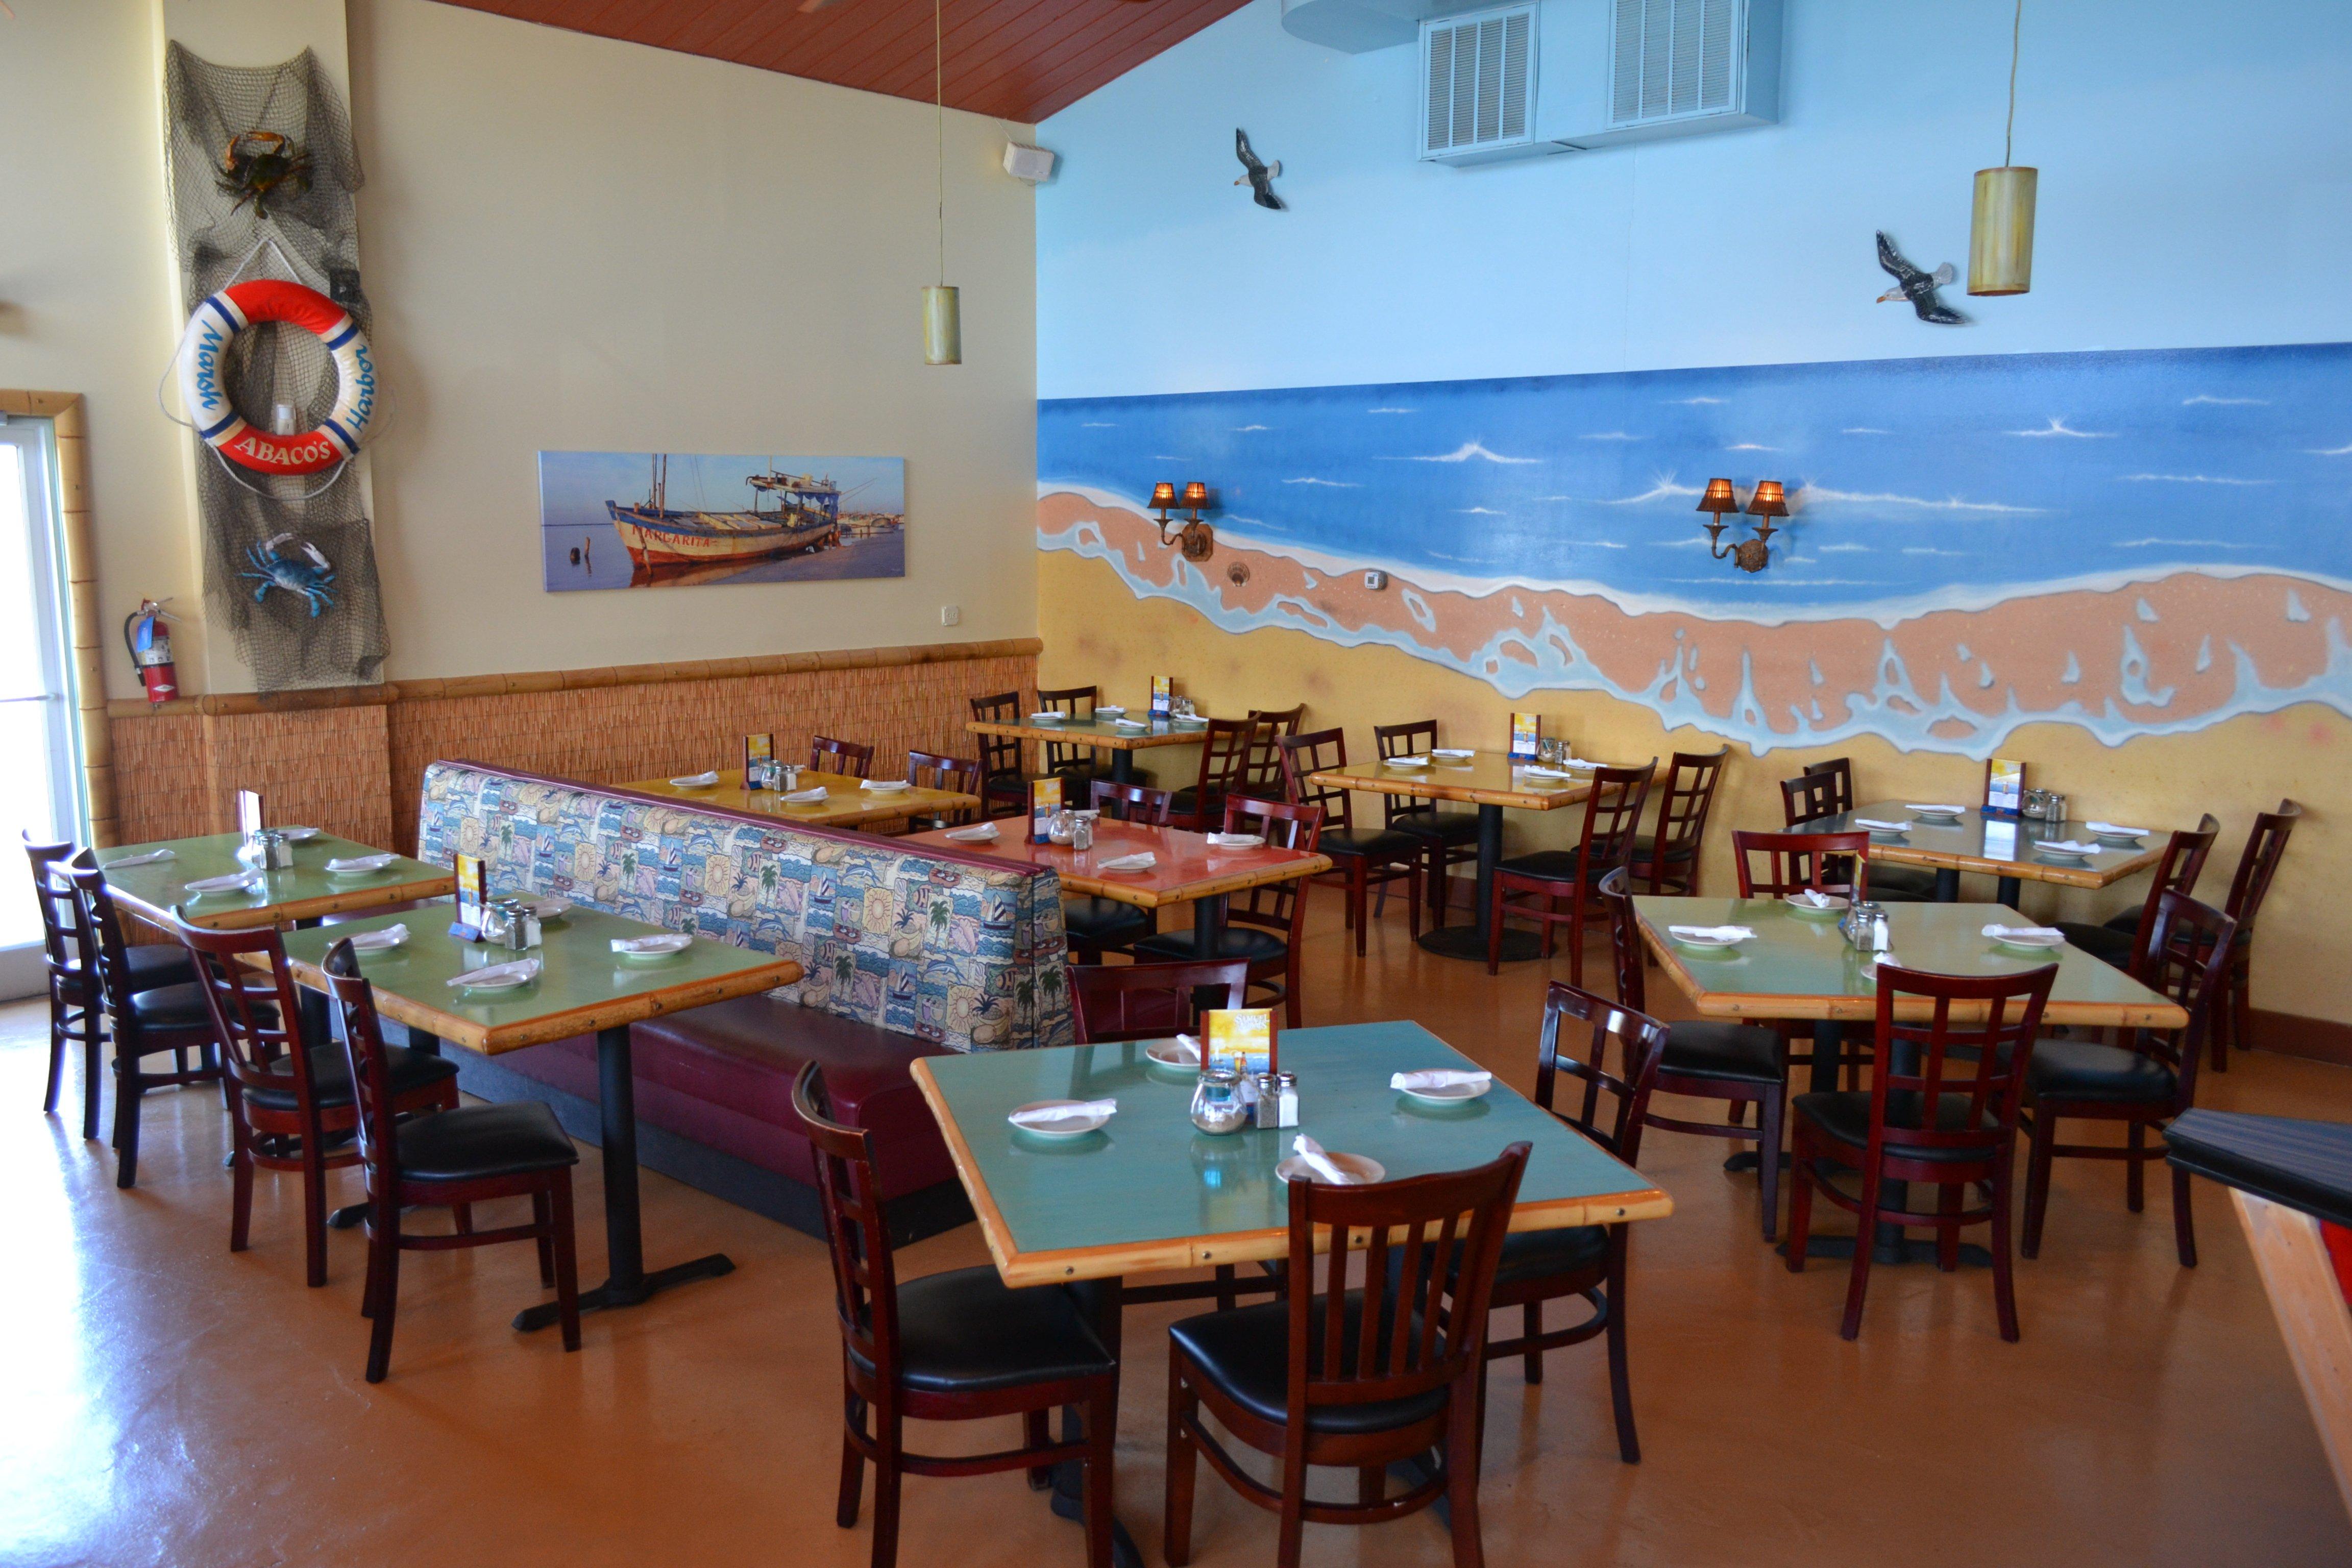 Carolina dining room breakfast buffet beachfront dining - Carolina dining room ...